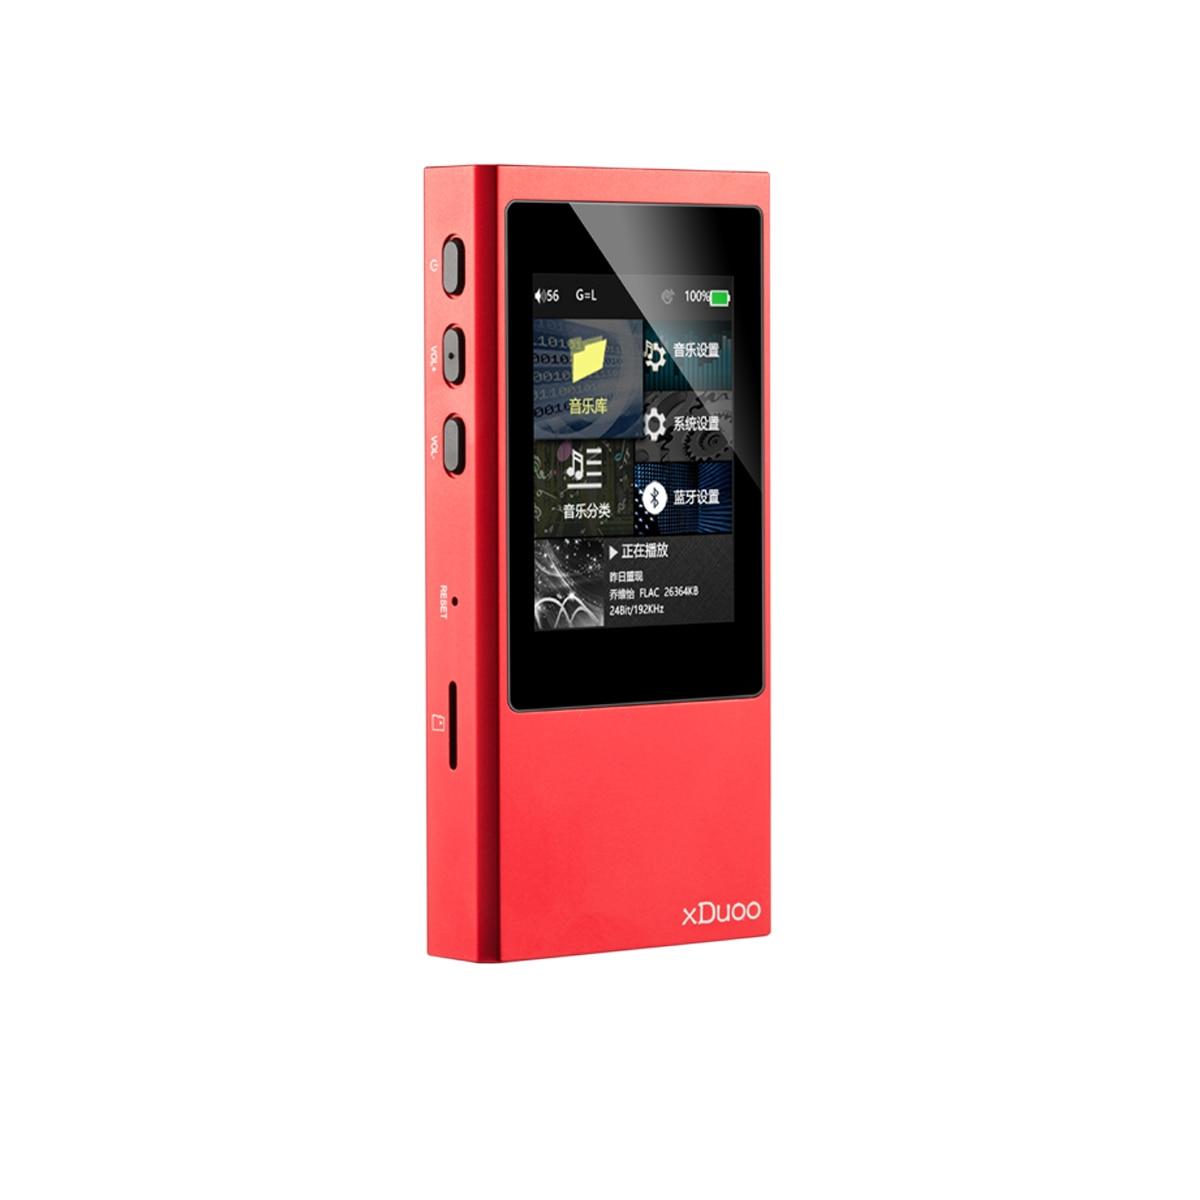 XDuoo X20 haute fidélité sans perte musique DSD HIFI lecteur MP3 DAP Support Aptx bluetooth HiFi équilibré lecteur de musique OPA1612 DSD256